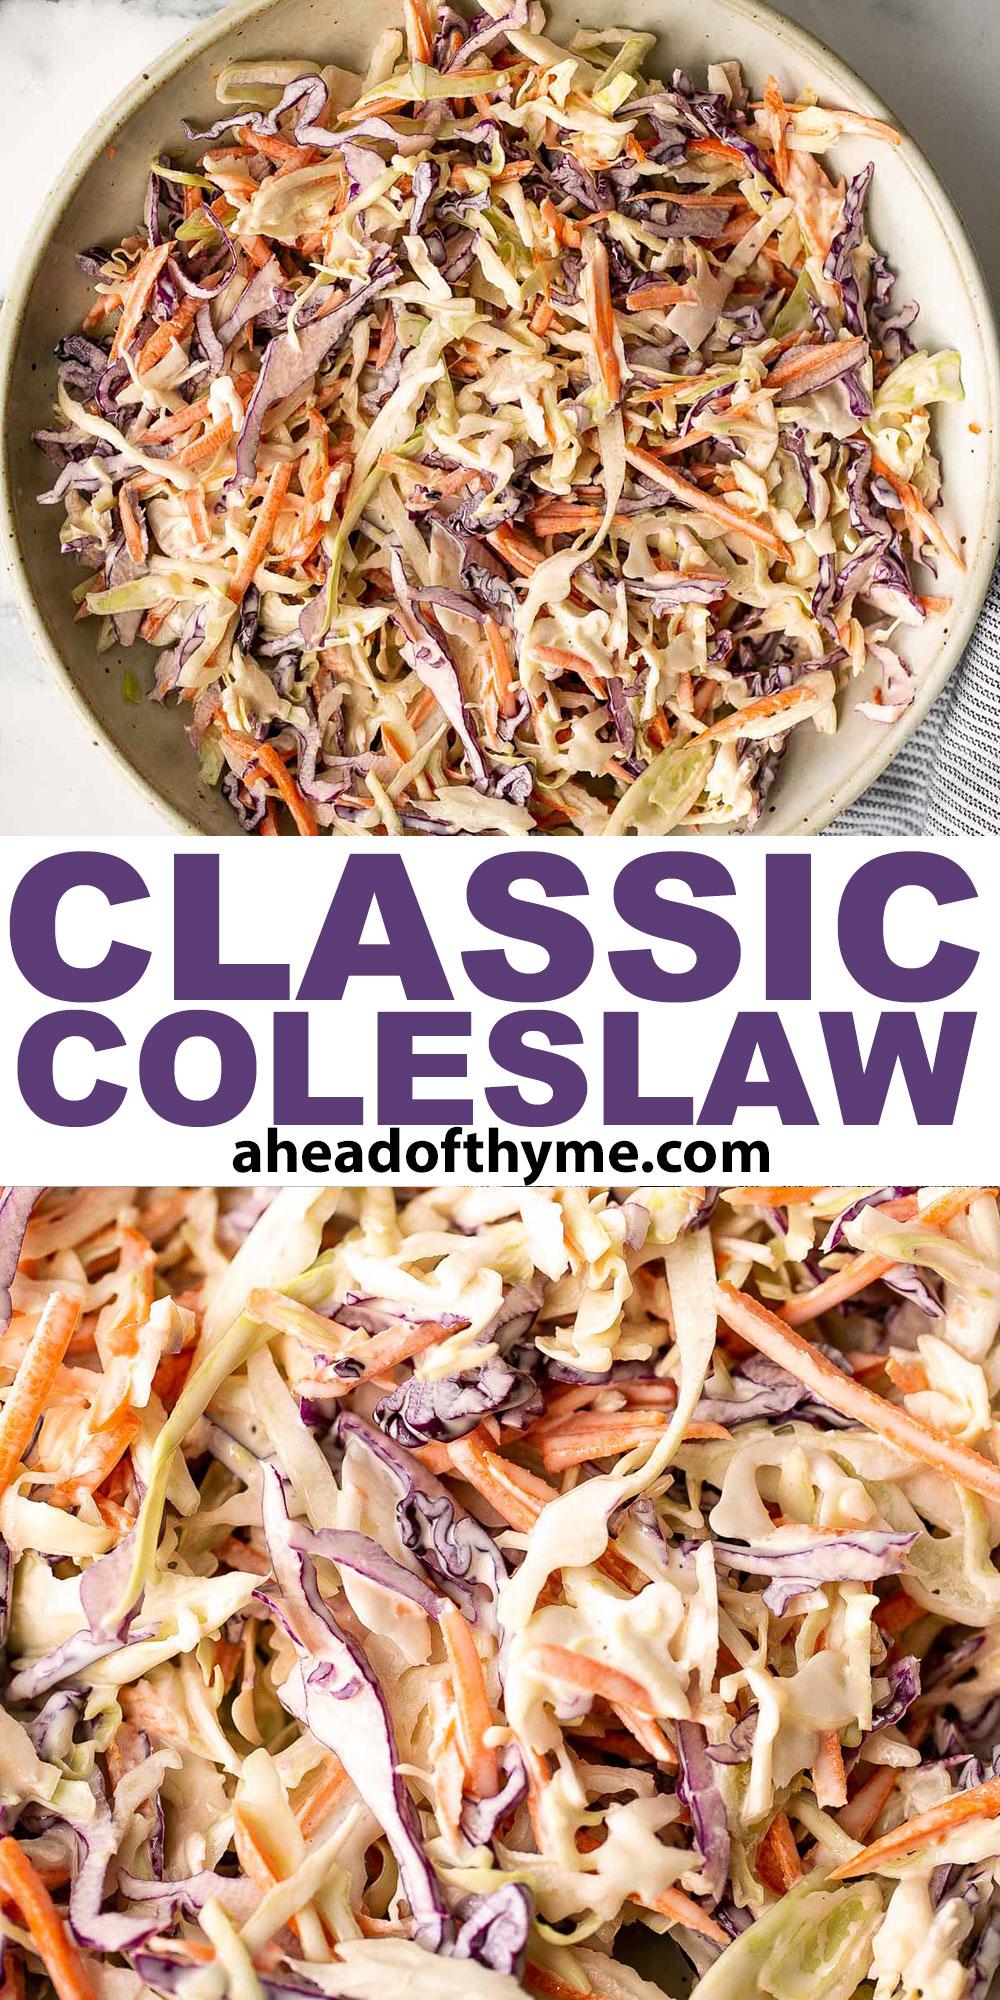 Classic Coleslaw